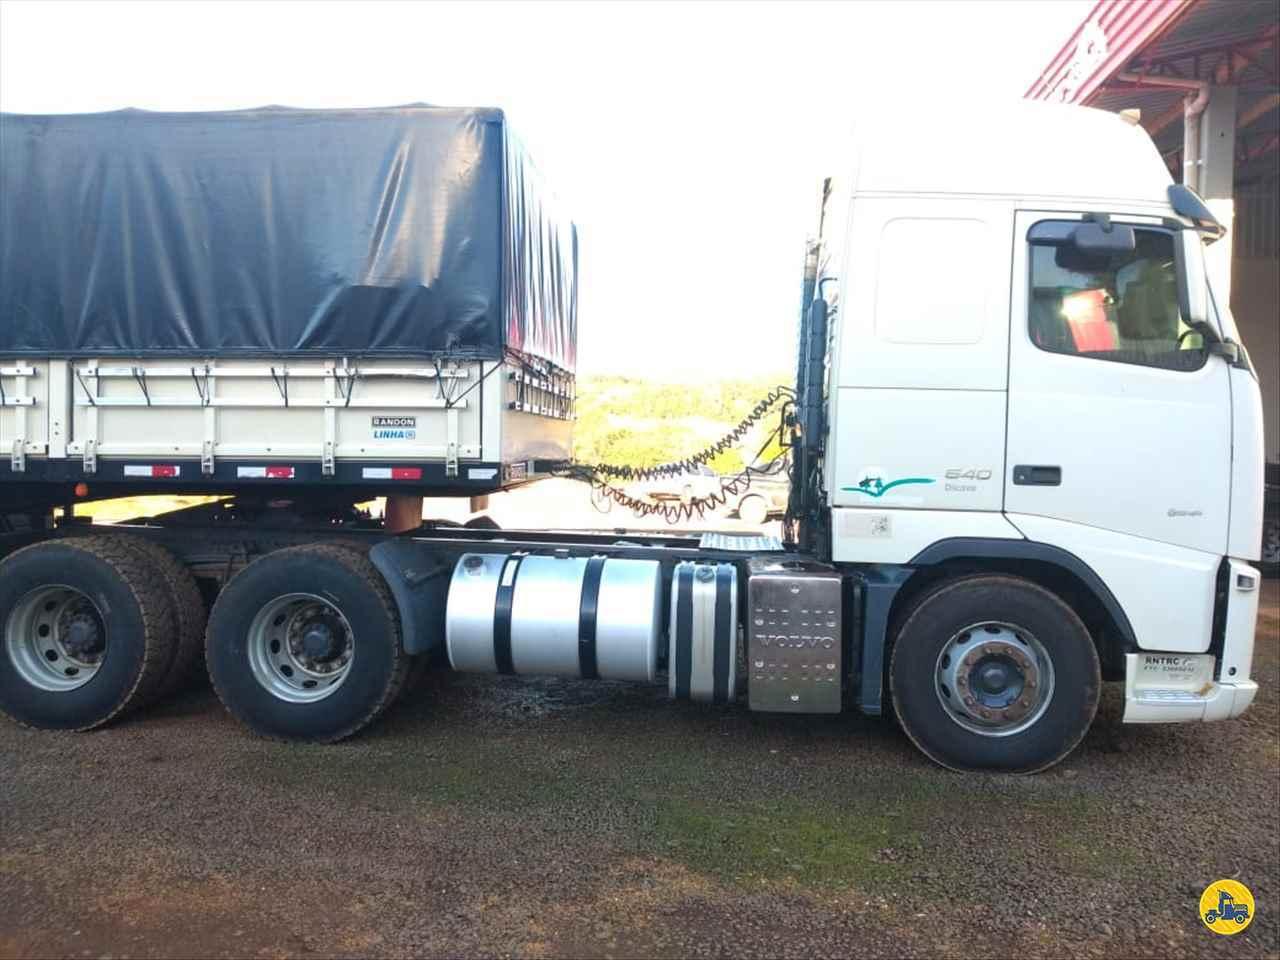 CAMINHAO VOLVO VOLVO FH 540 Cavalo Mecânico Traçado 6x4 Transmap Caminhões SANTA ROSA RIO GRANDE DO SUL RS